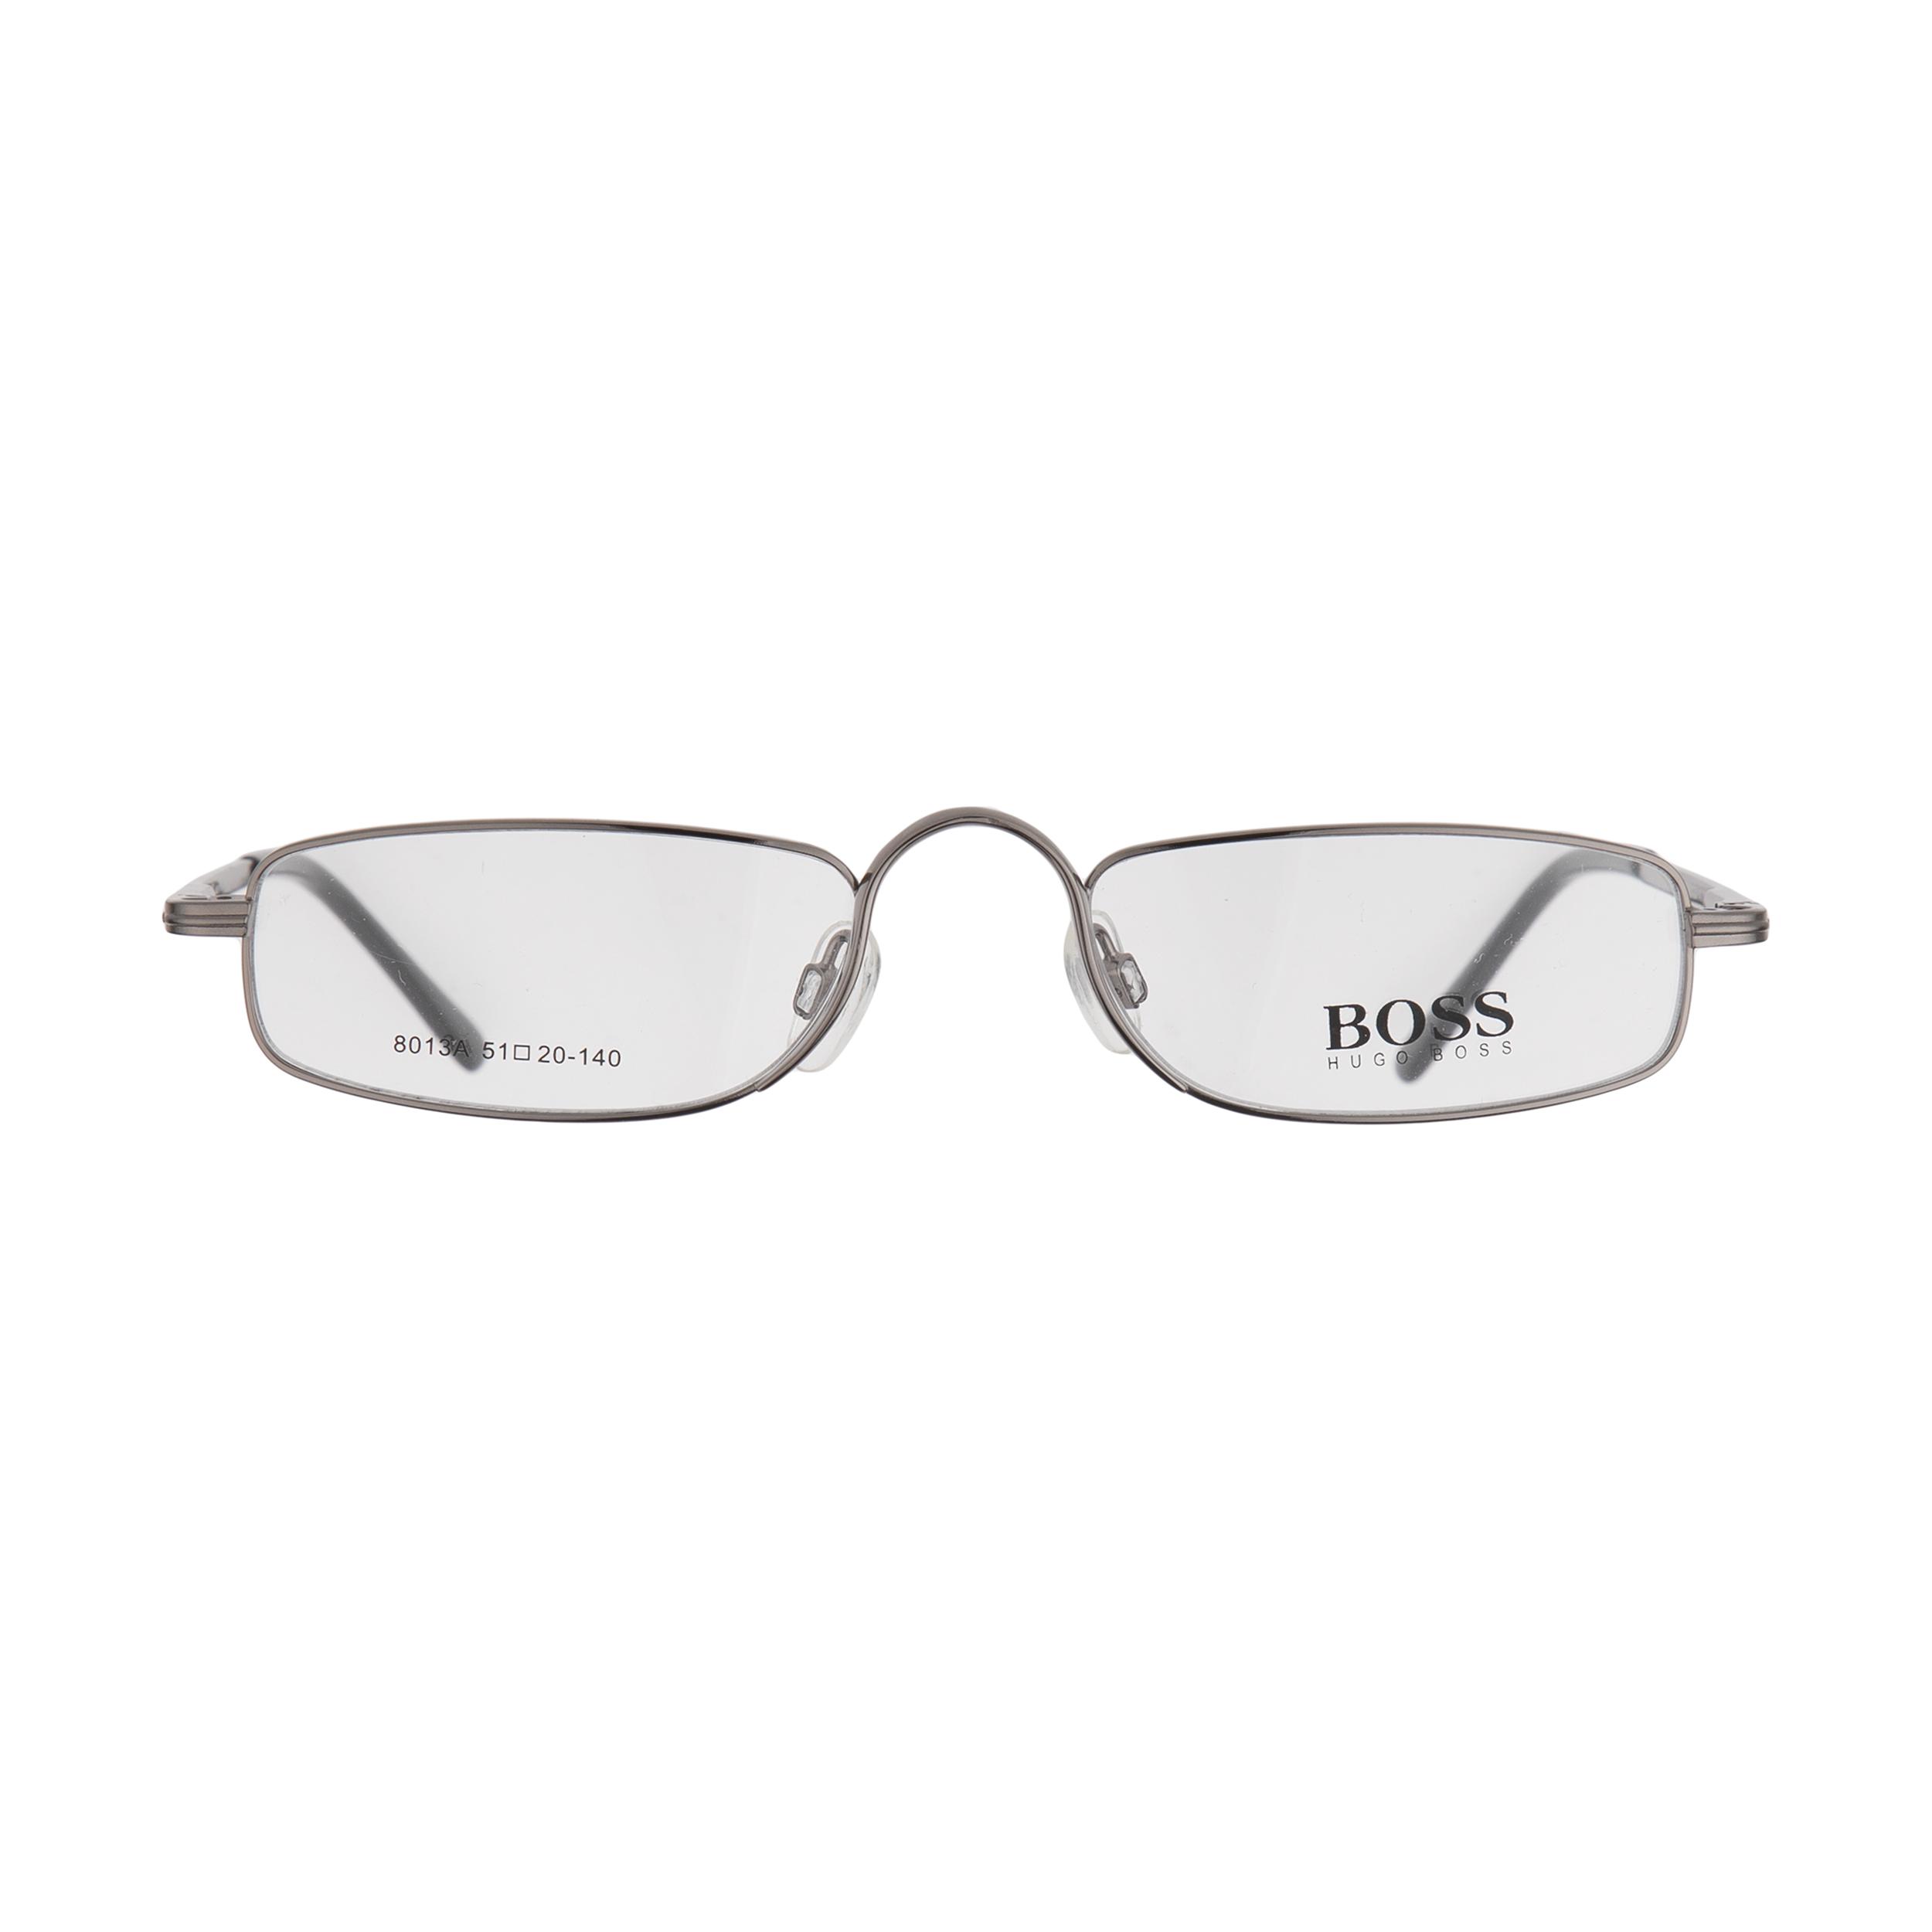 فریم عینک طبی هوگو باس مدل 5050